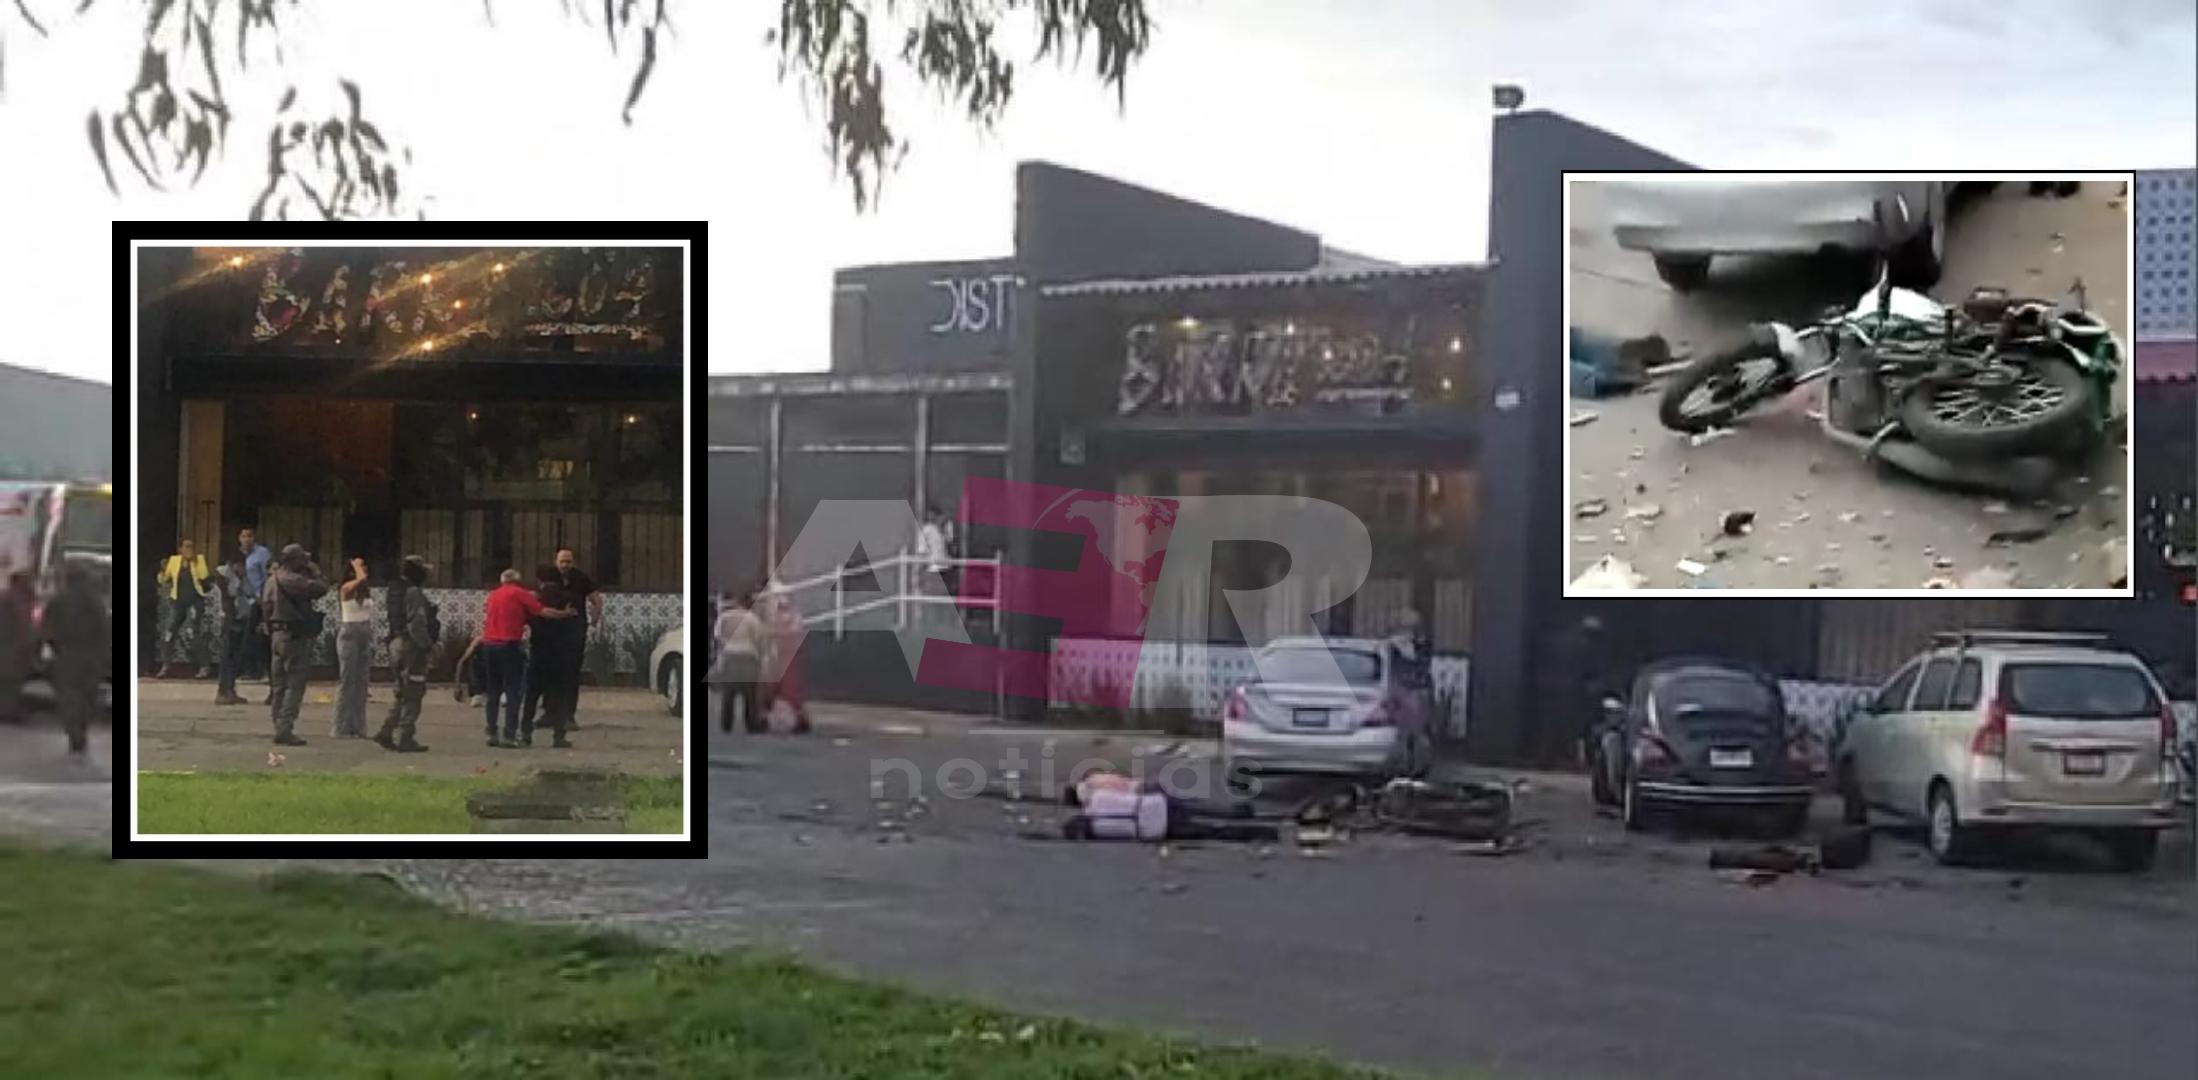 La FGE Informa que es FALSO que haya recibido denuncia por extorsión al restaurante Barra 1604